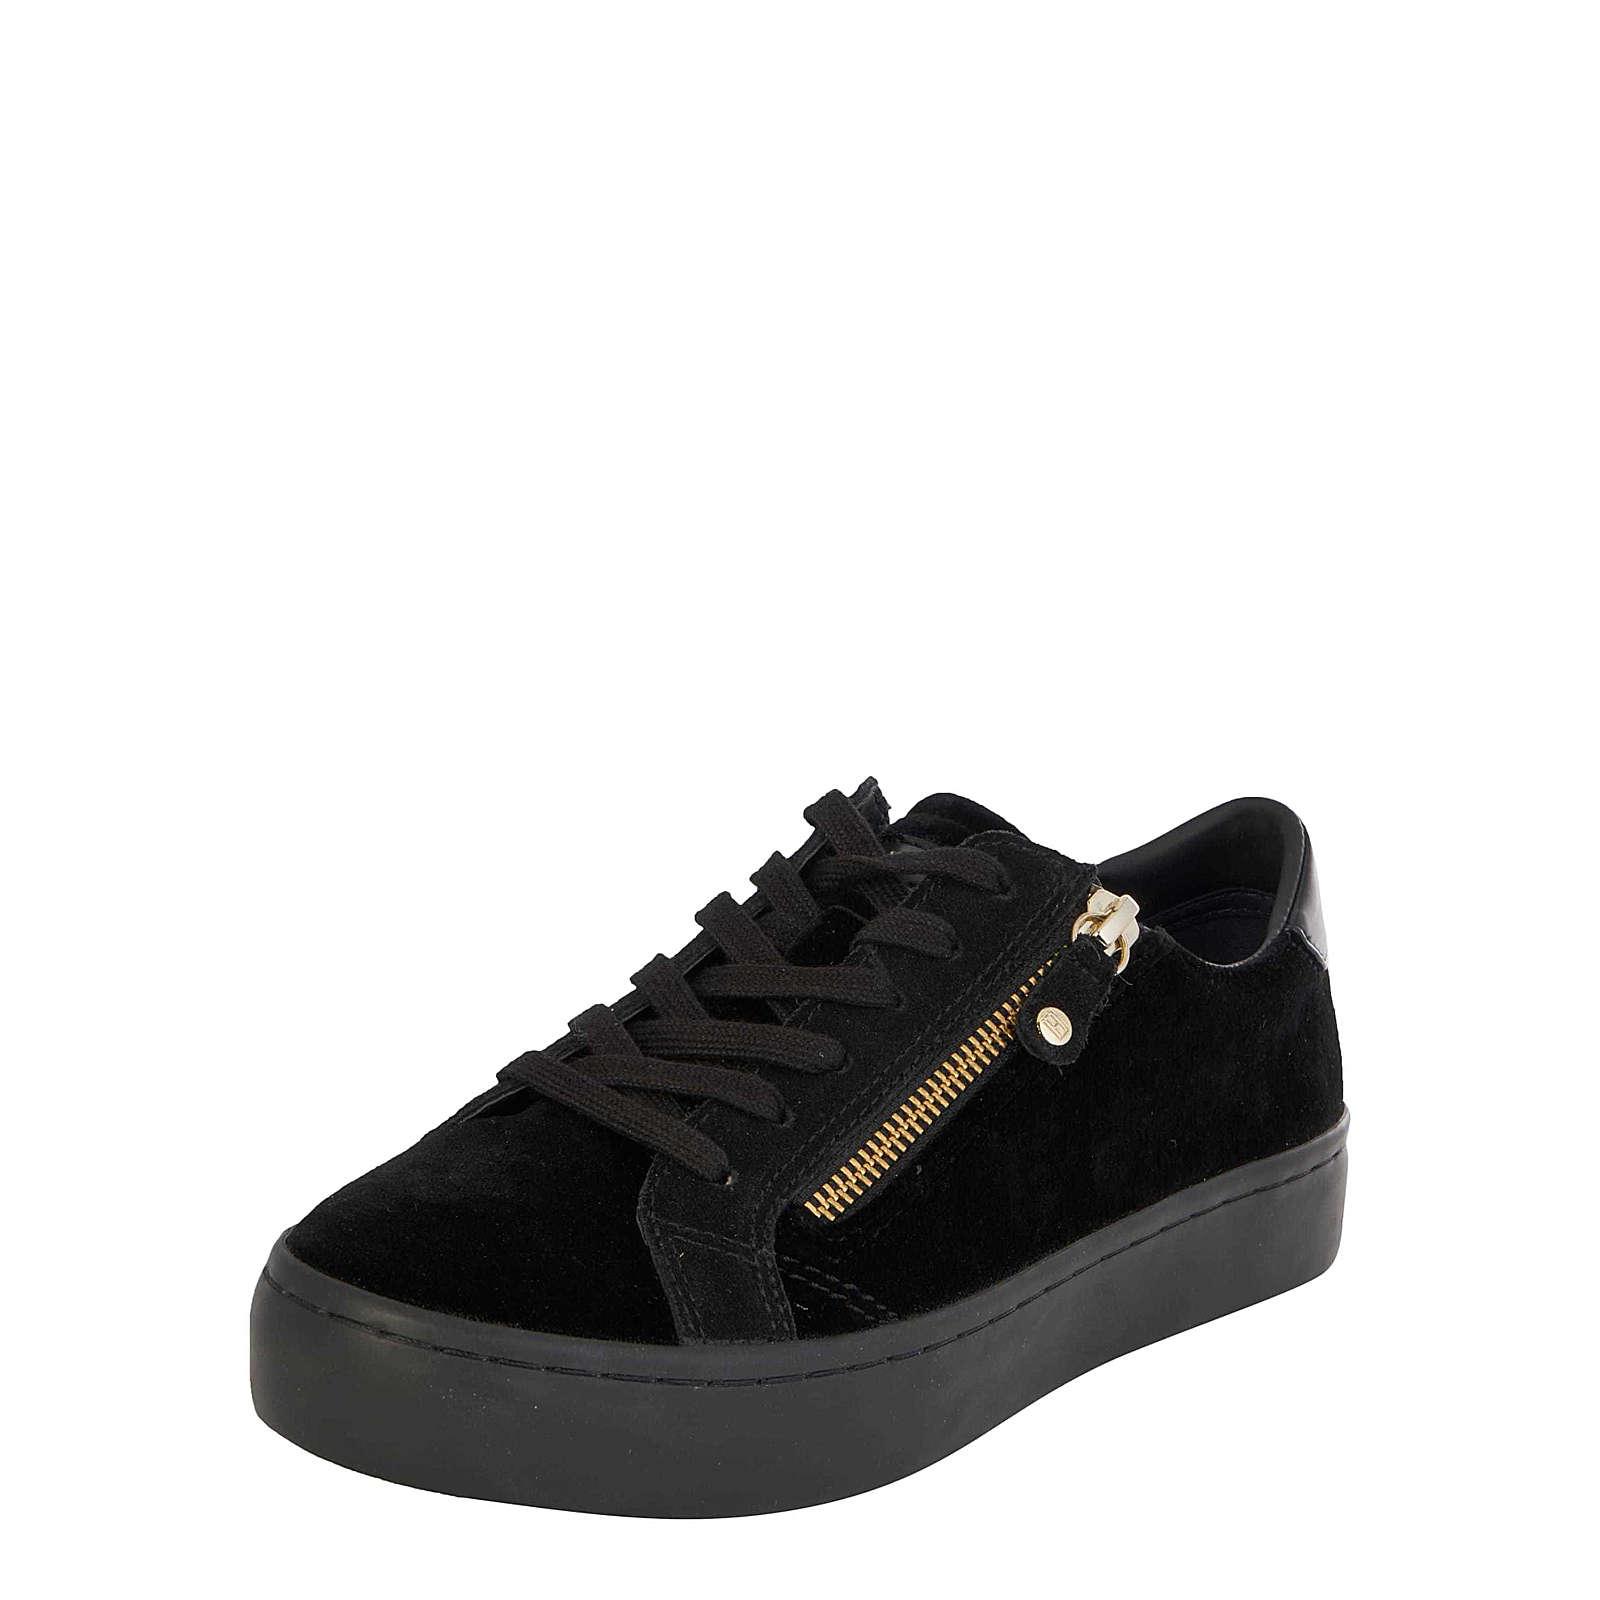 TOMMY HILFIGER Sneaker low Jupiter Sneakers Low schwarz Damen Gr. 39